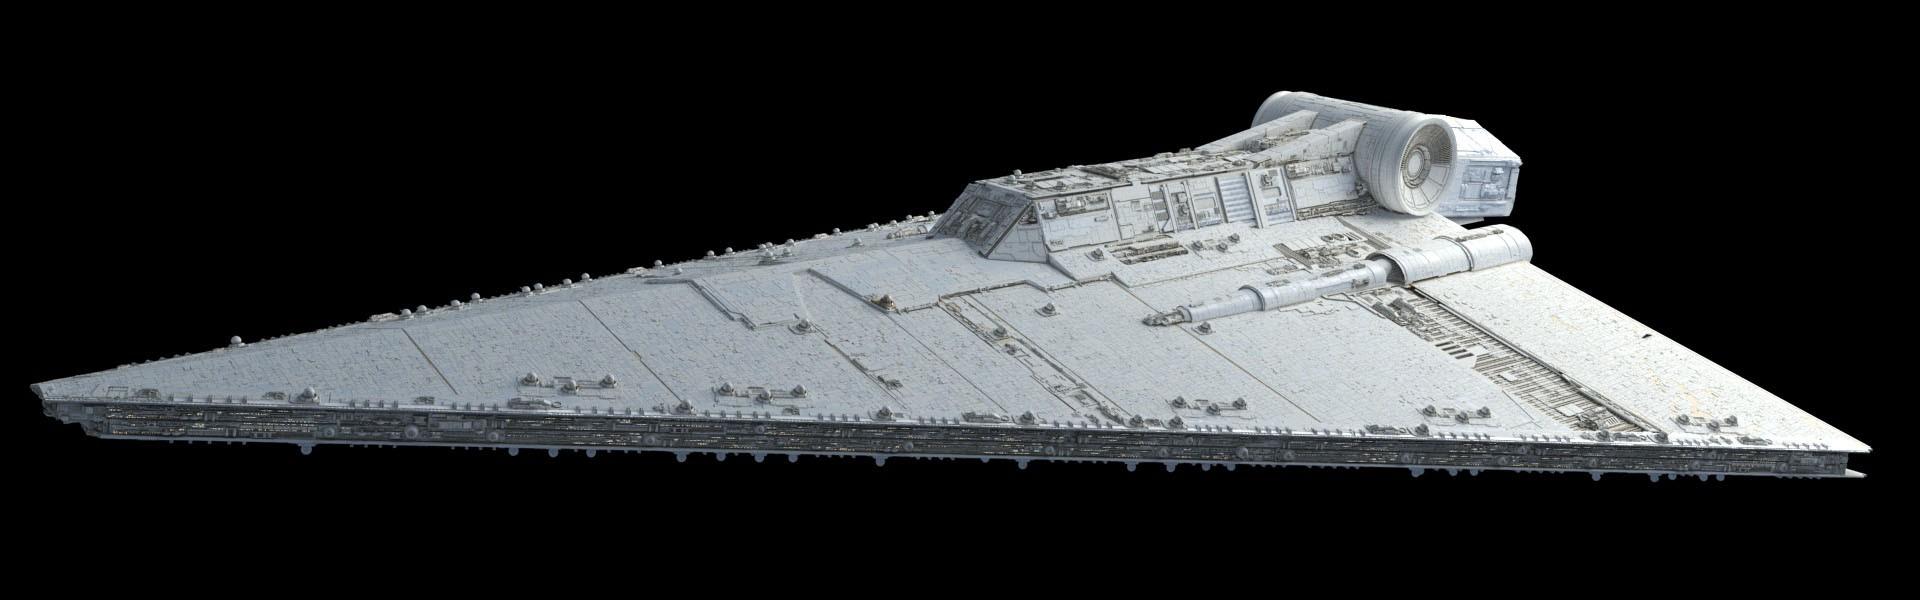 Praetor-class Star Battlecruiser